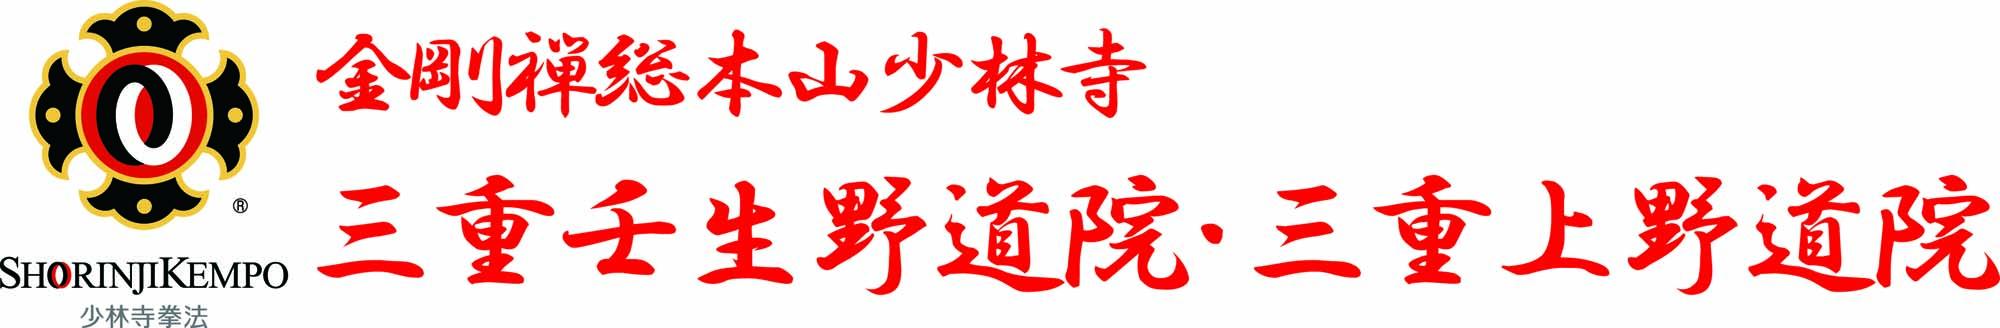 伊賀市で少林寺拳法|金剛禅総本山少林寺三重壬生野道院・三重上野道院